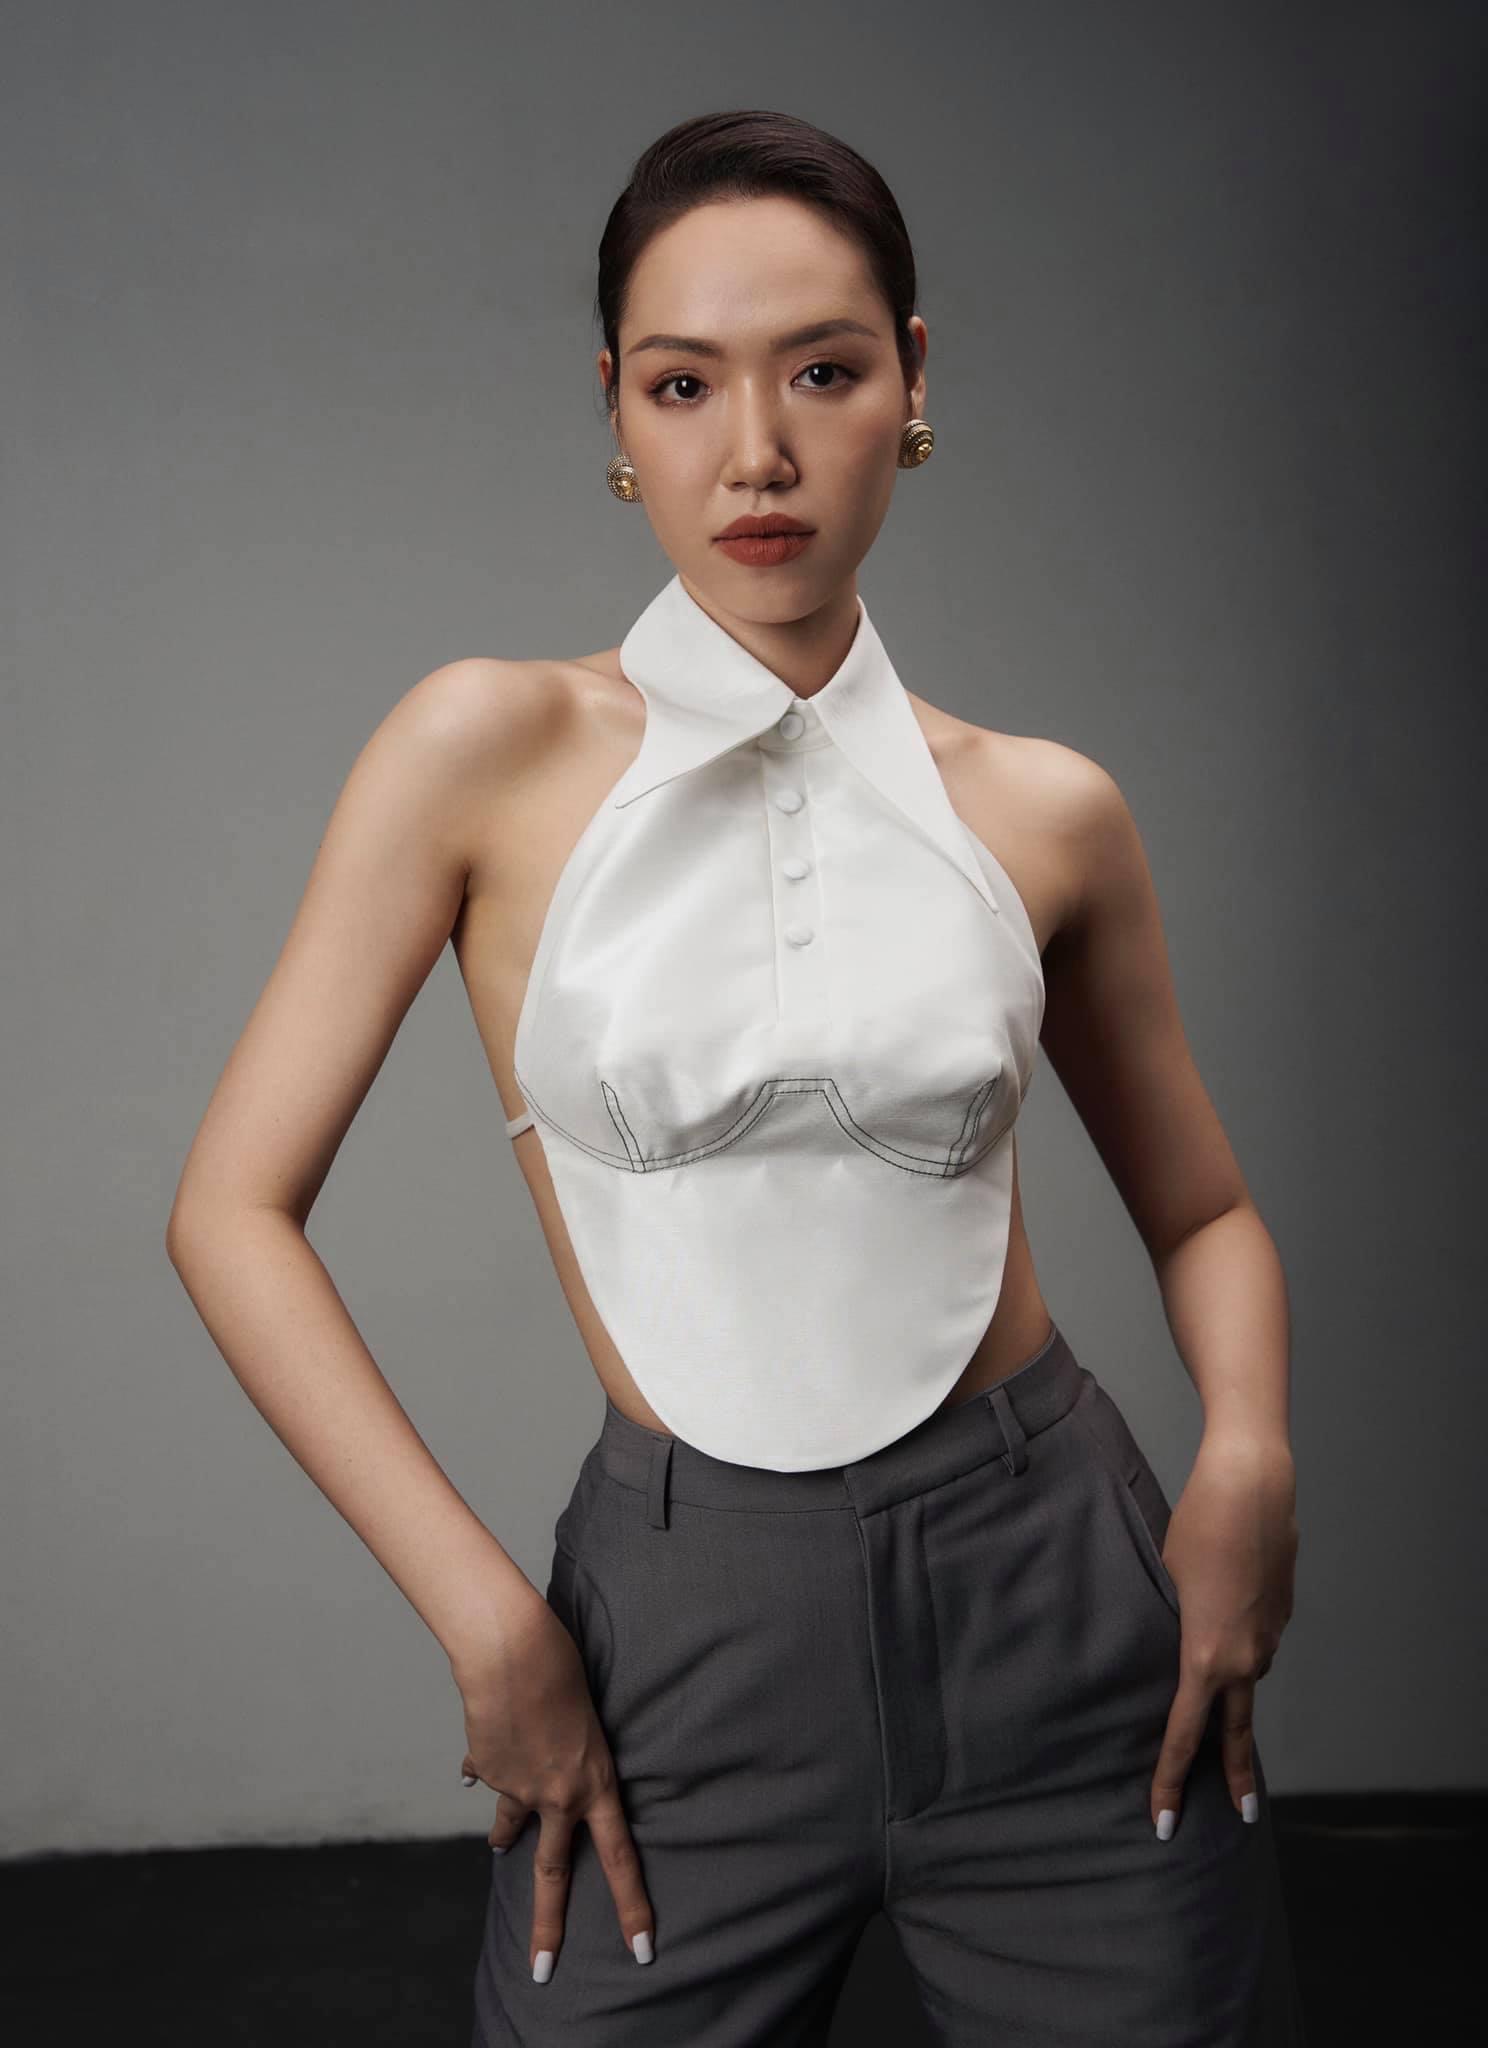 Áo yếm thiên nga lộ nửa người của nhà thiết kế có body gợi cảm nhất làng mốt Việt - 3